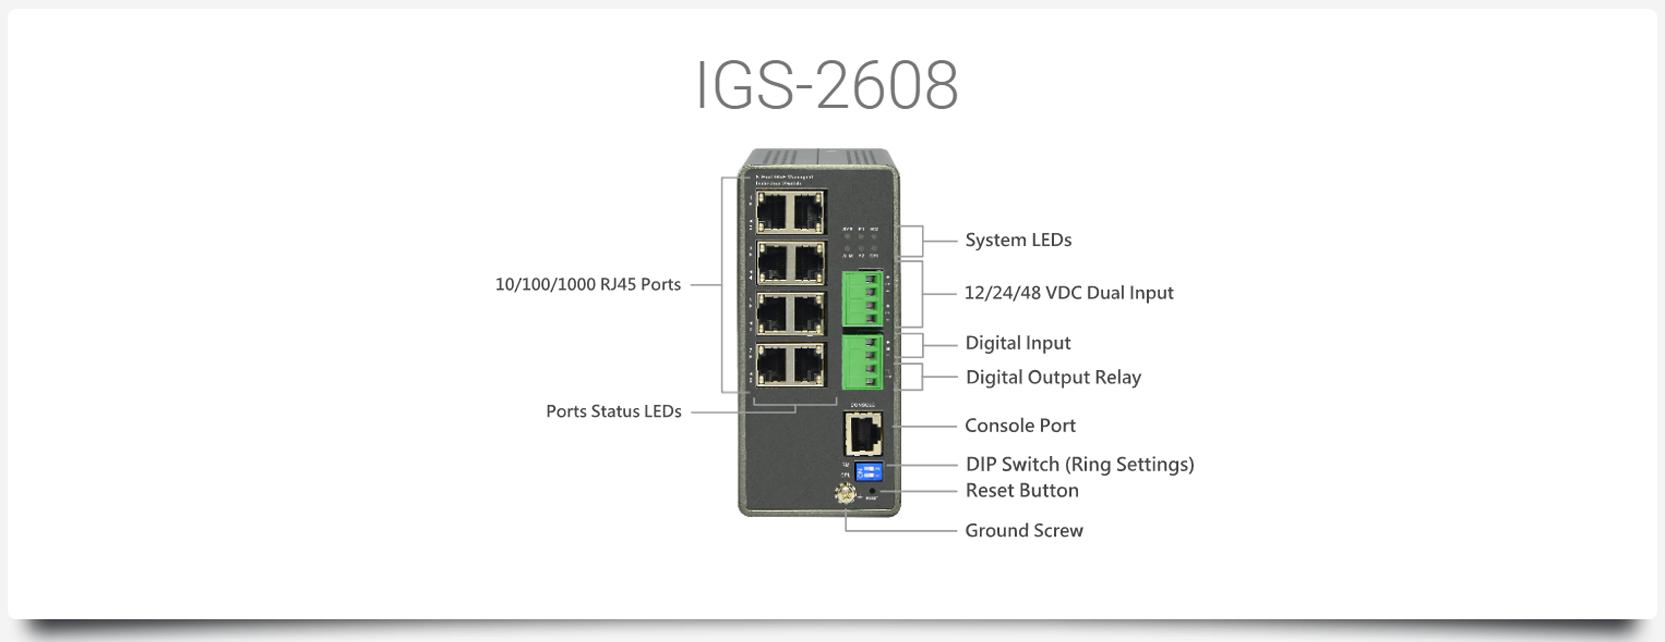 IGS-2608